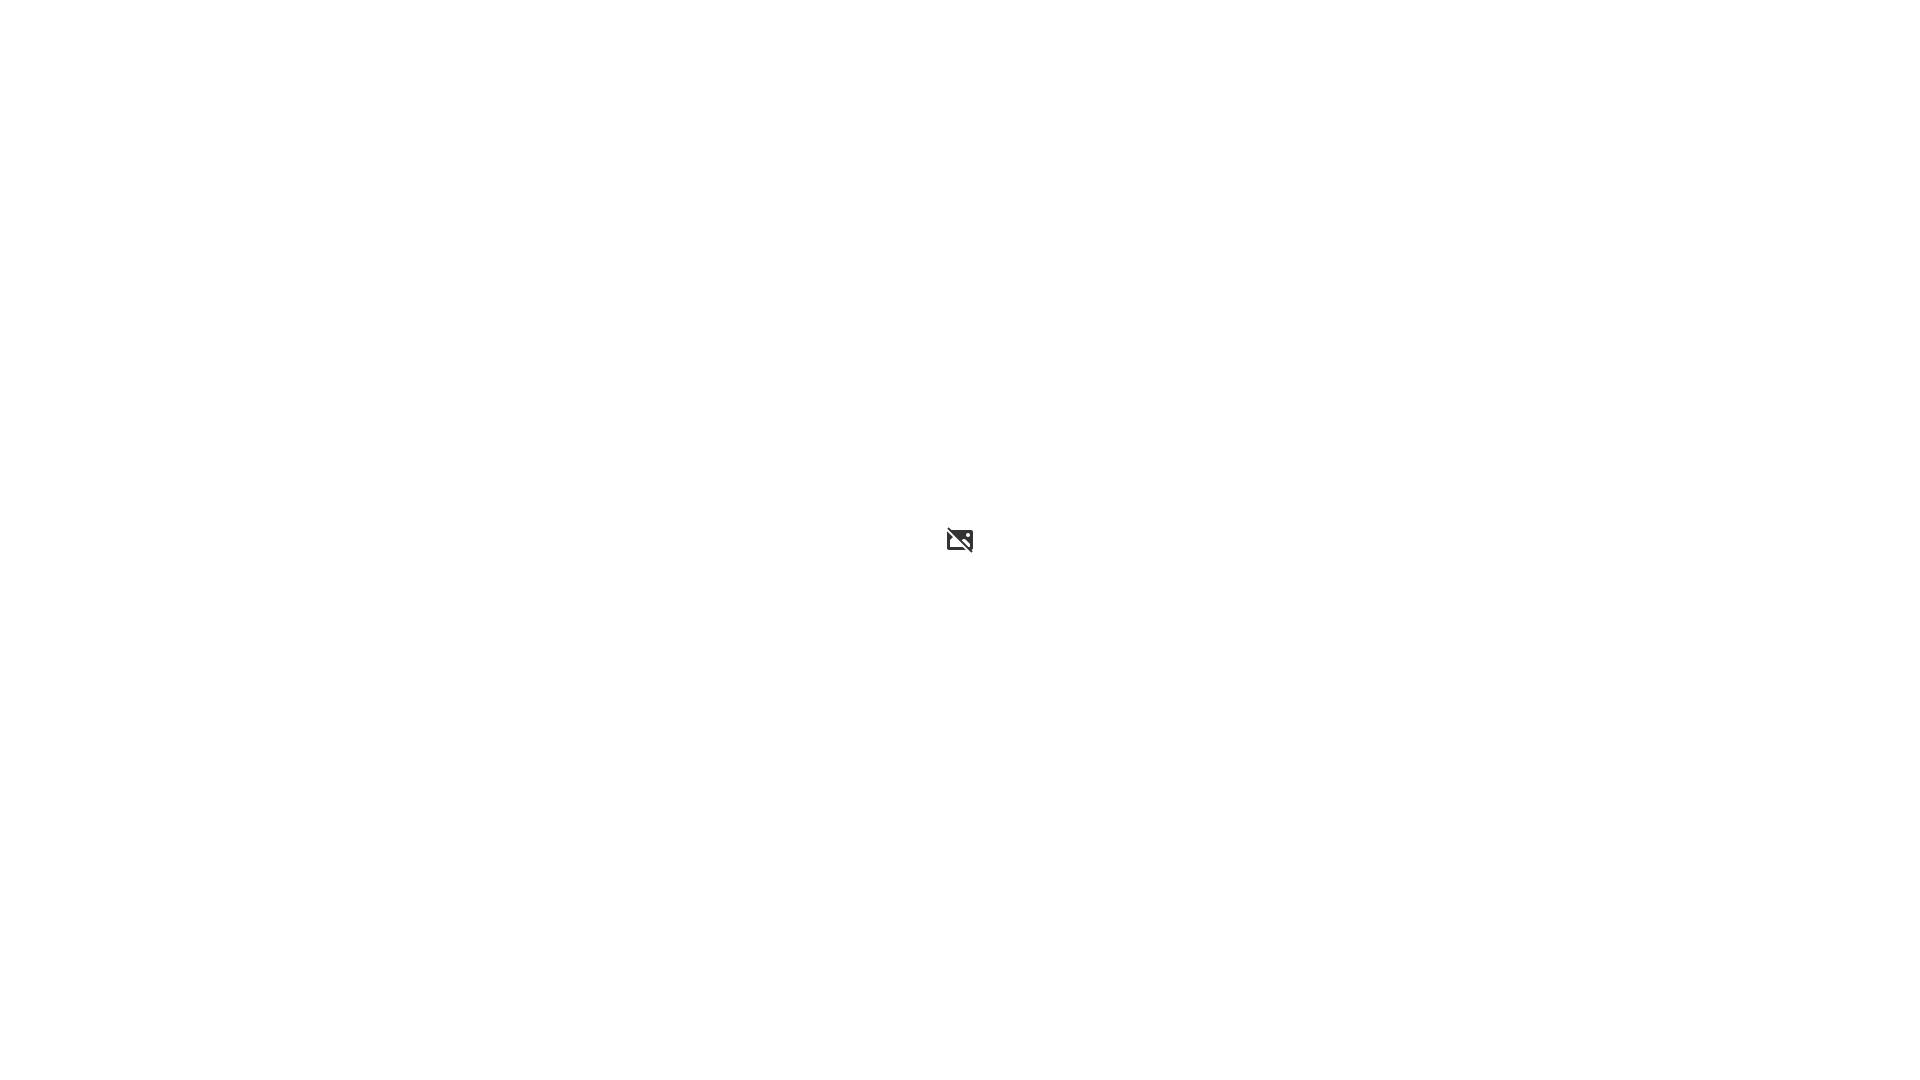 ezreal___league_of_legends_by_ruanes97-d9h0hsx